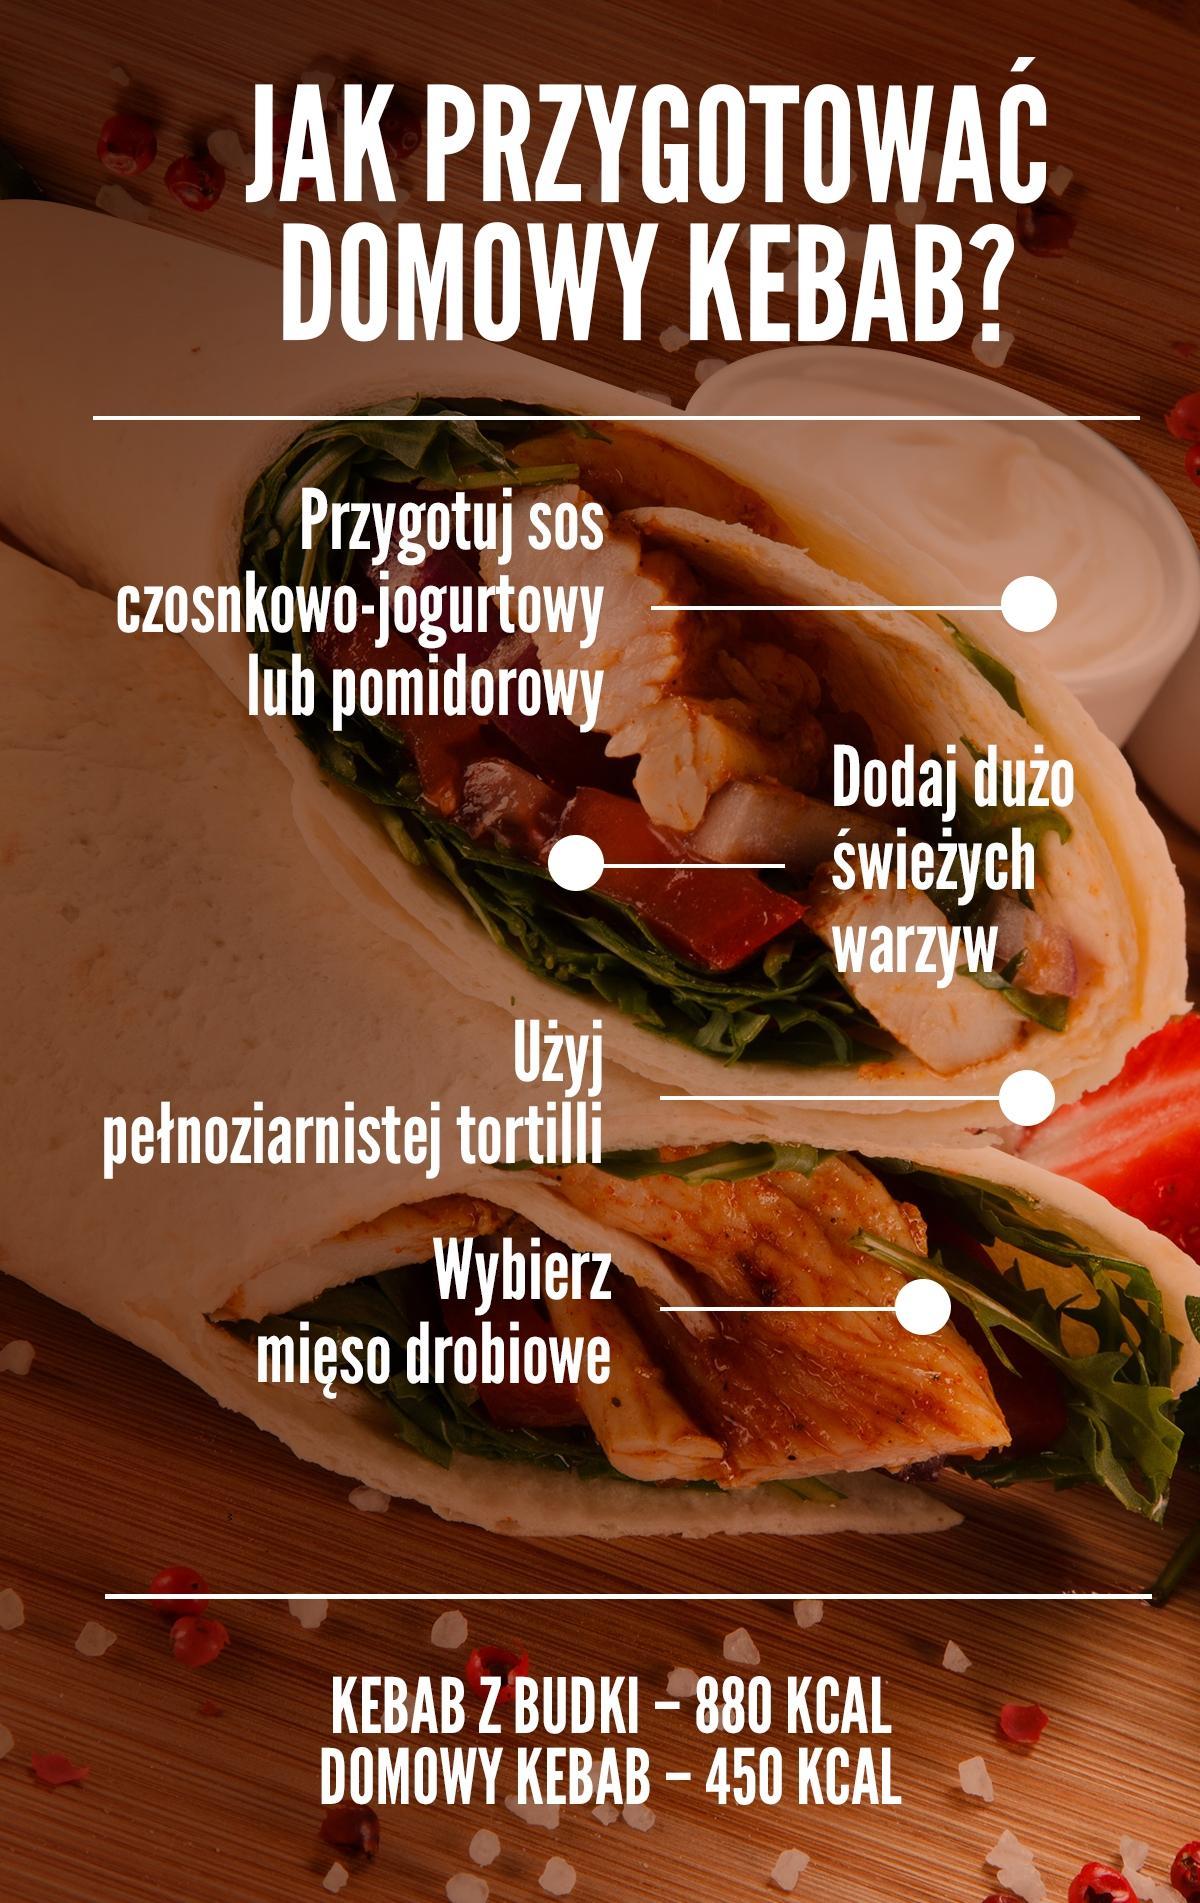 Jak przygotować domowy kebab? Infografika